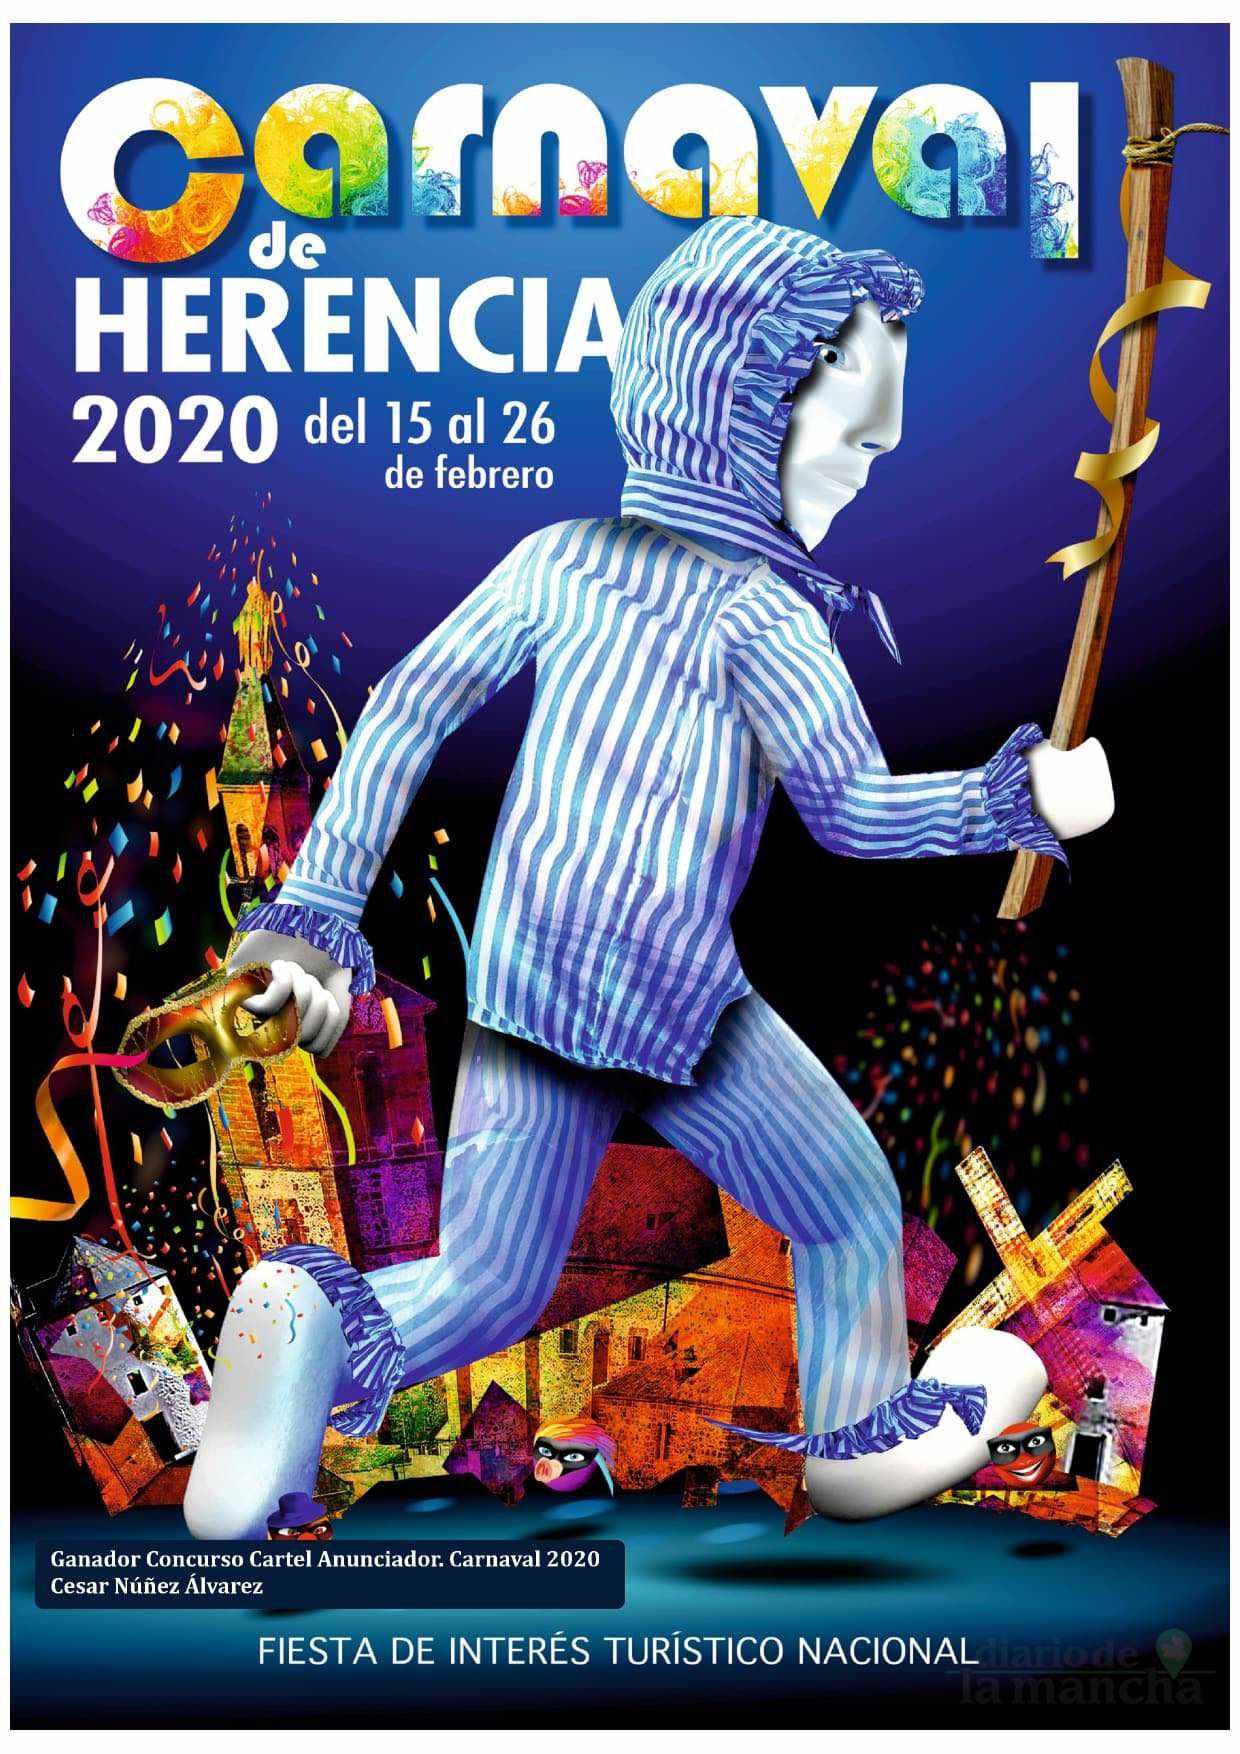 programacion carnaval 2020 herencia 1 - El actor Salva Reina pregonará un Carnaval de Herencia de Interés Turístico Nacional